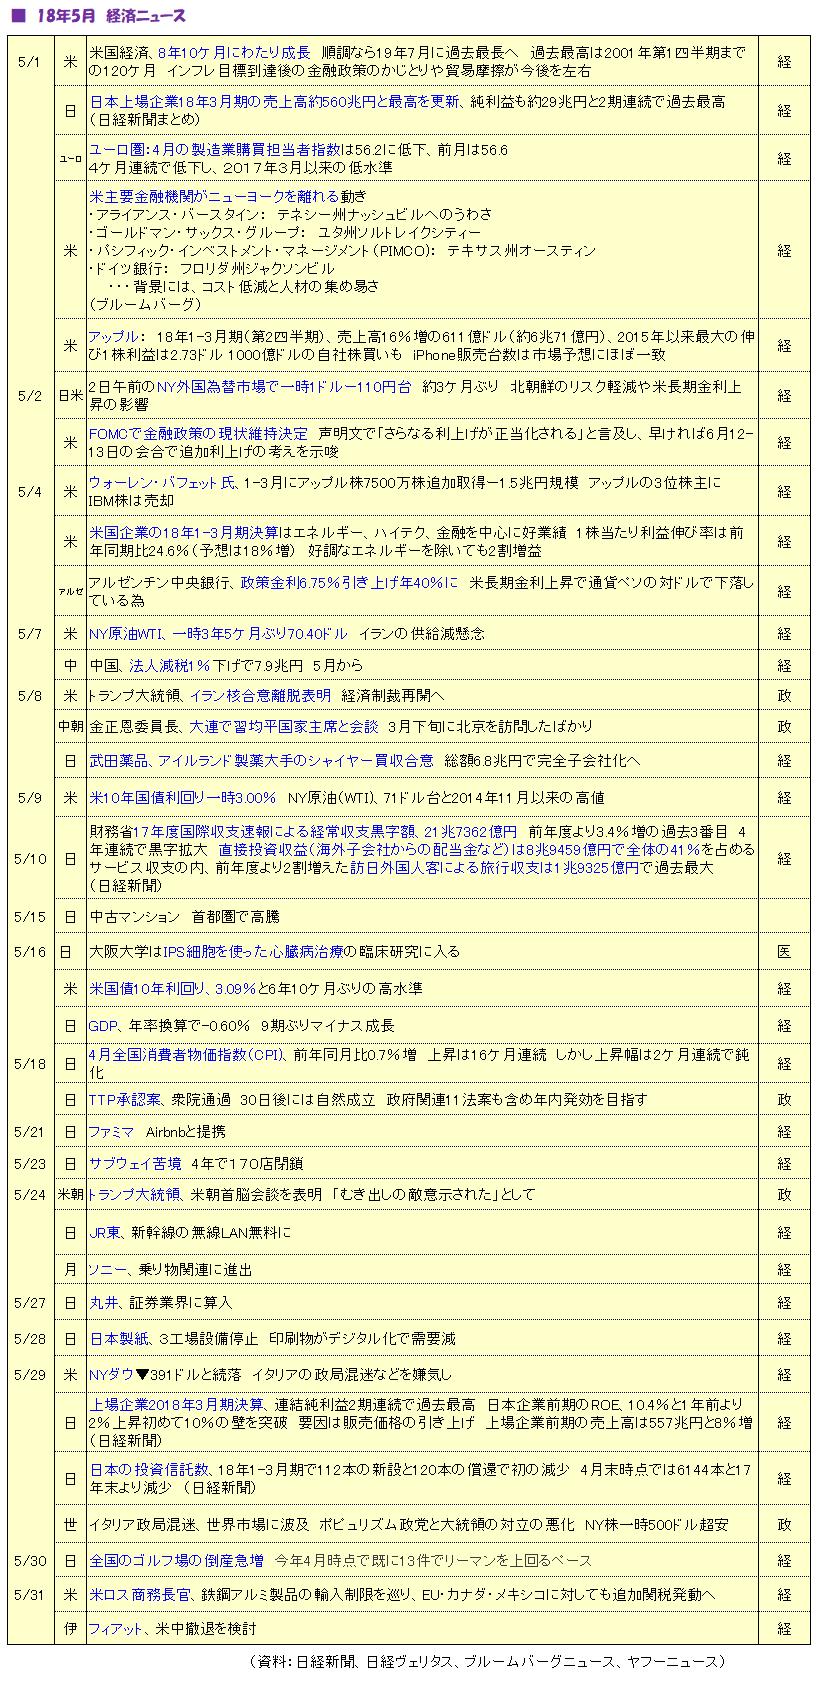 経済ニュース1806号